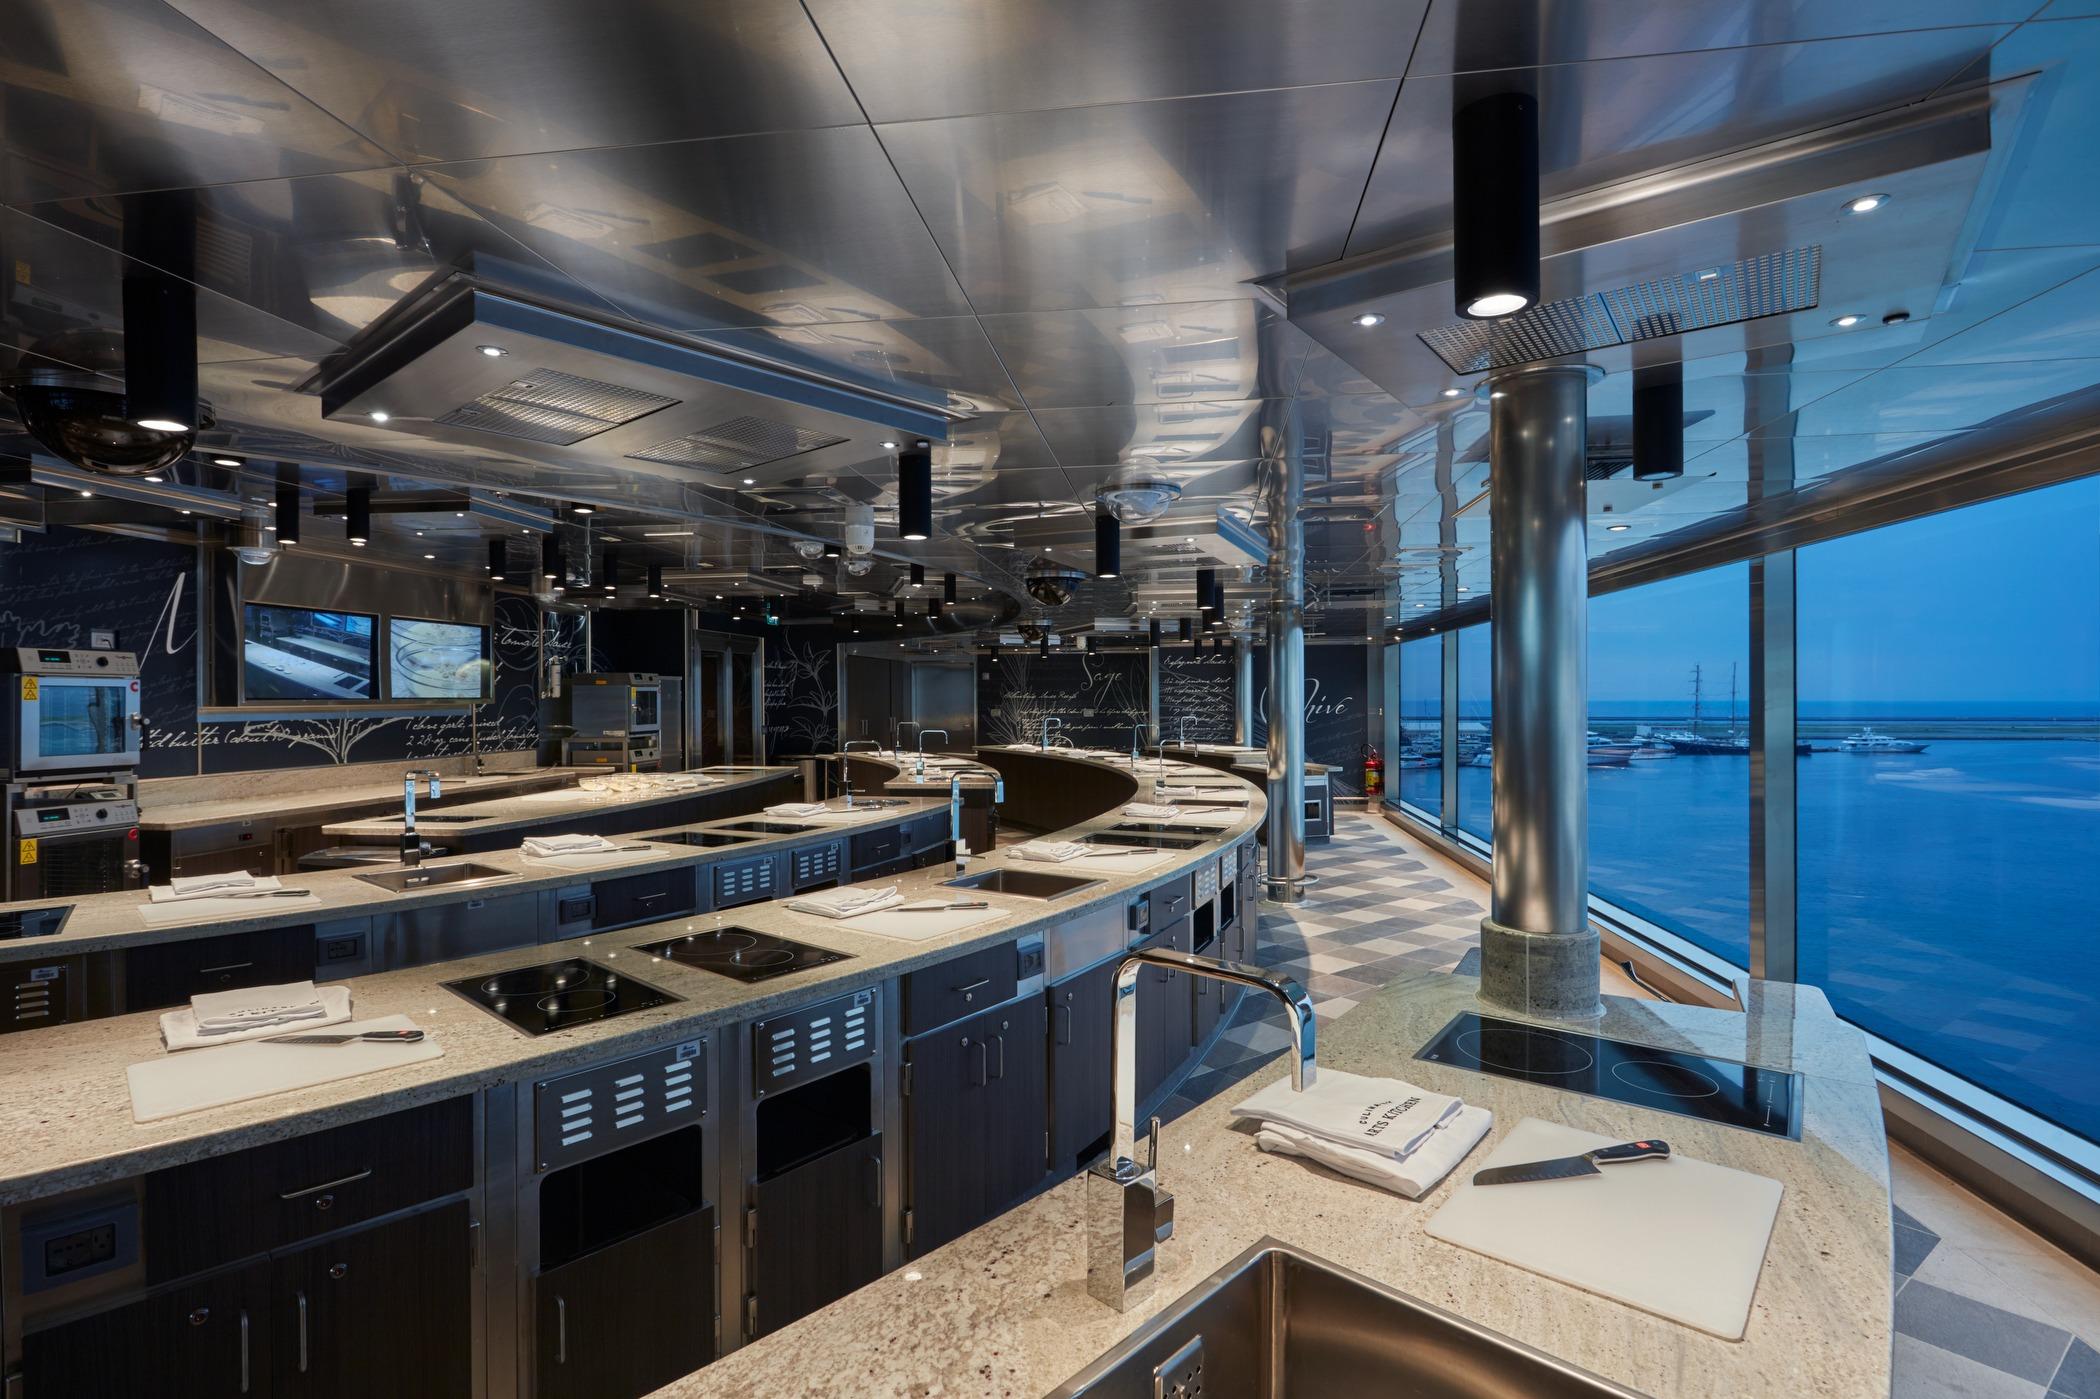 Regent Seven Seas Splendor - Culinary Arts Kitchen